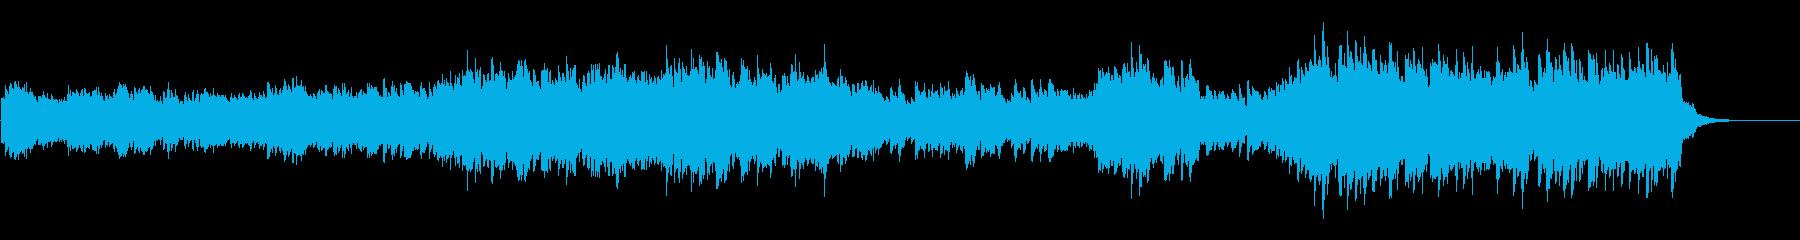 情熱的で切ないピアノのオリジナル曲の再生済みの波形